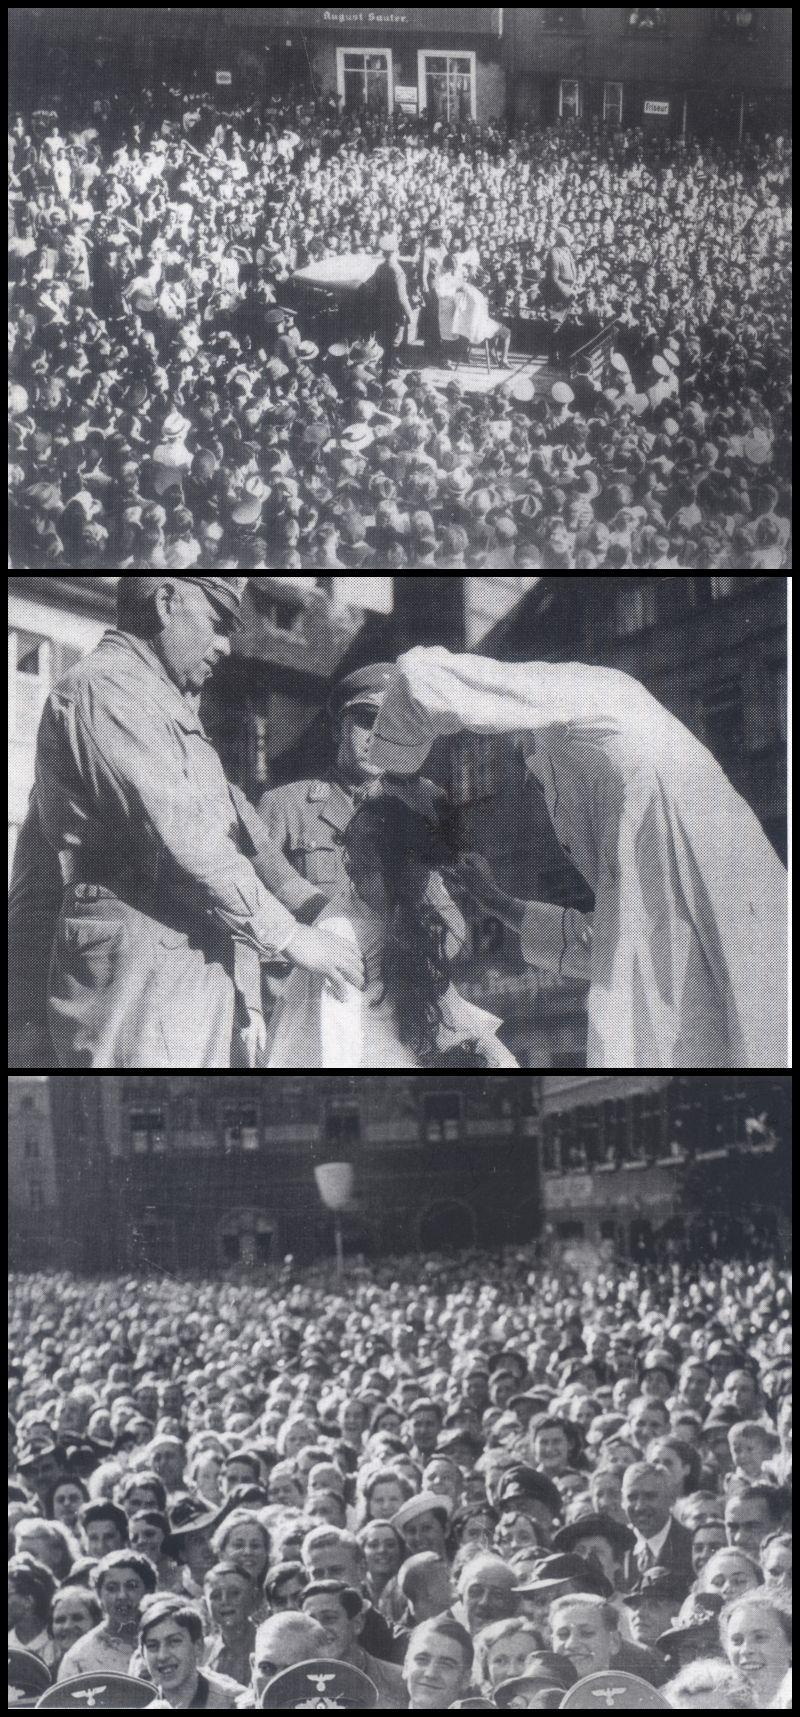 Ulm, marktplaats 1940 – Een negentienjarige Rassenschänder die 'het' gedaan had een Franse krijgsgevangene wordt door de plaatselijke kapper kaalgeschoren (scans uit Hesse & Springer - Vor aller Augen)